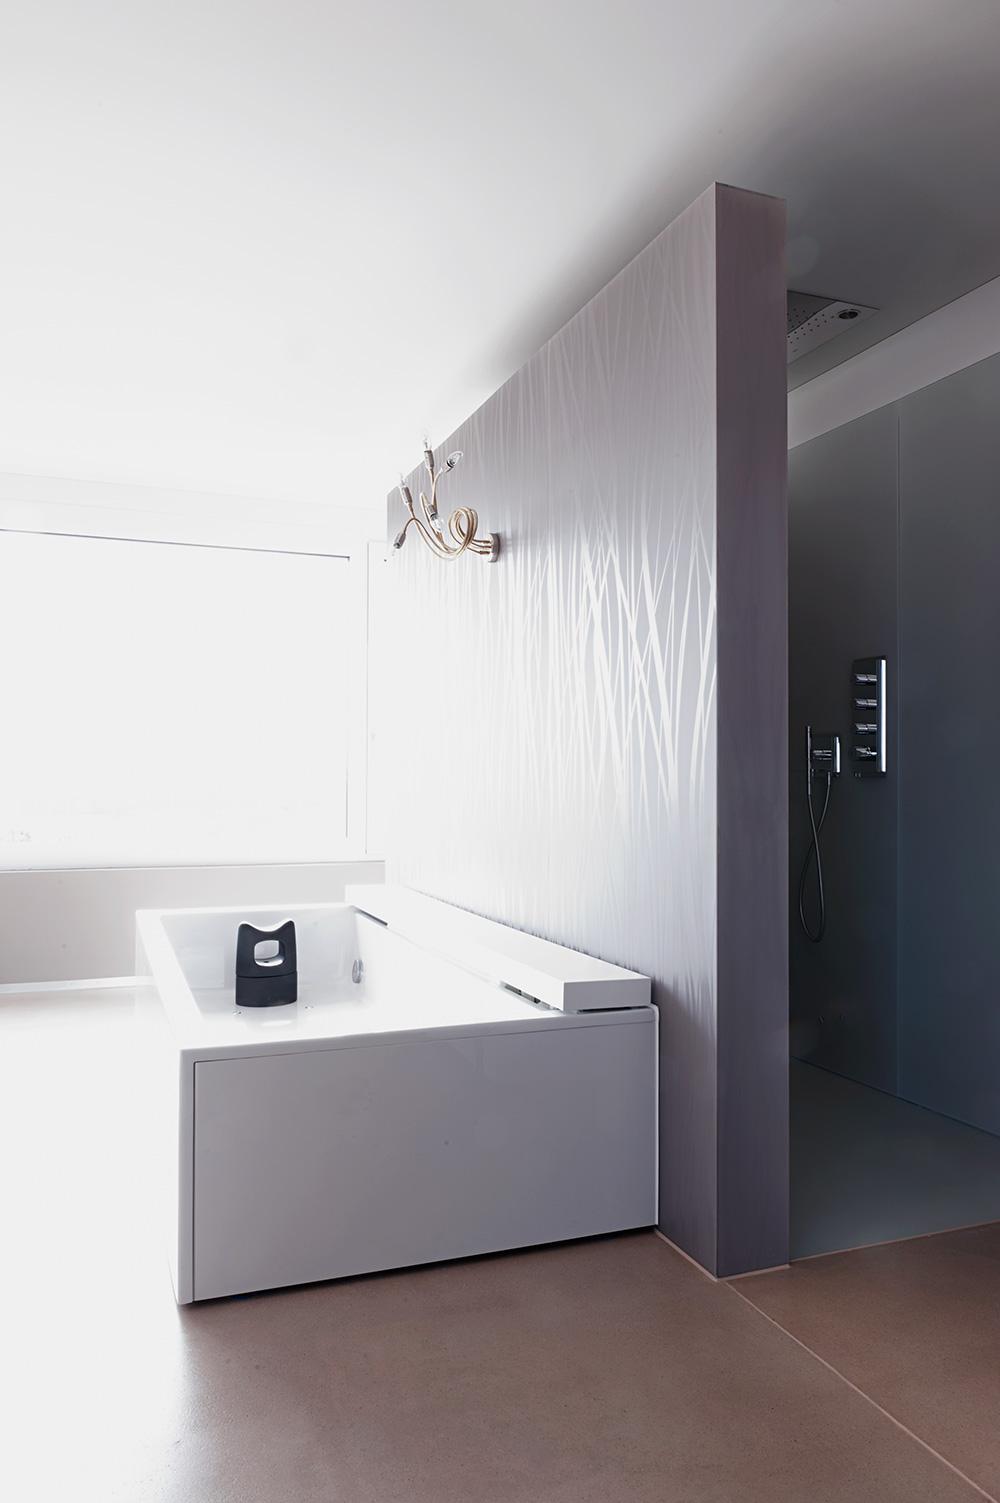 Rivestimenti bagno / cucina / pareti vetro - Making Glass